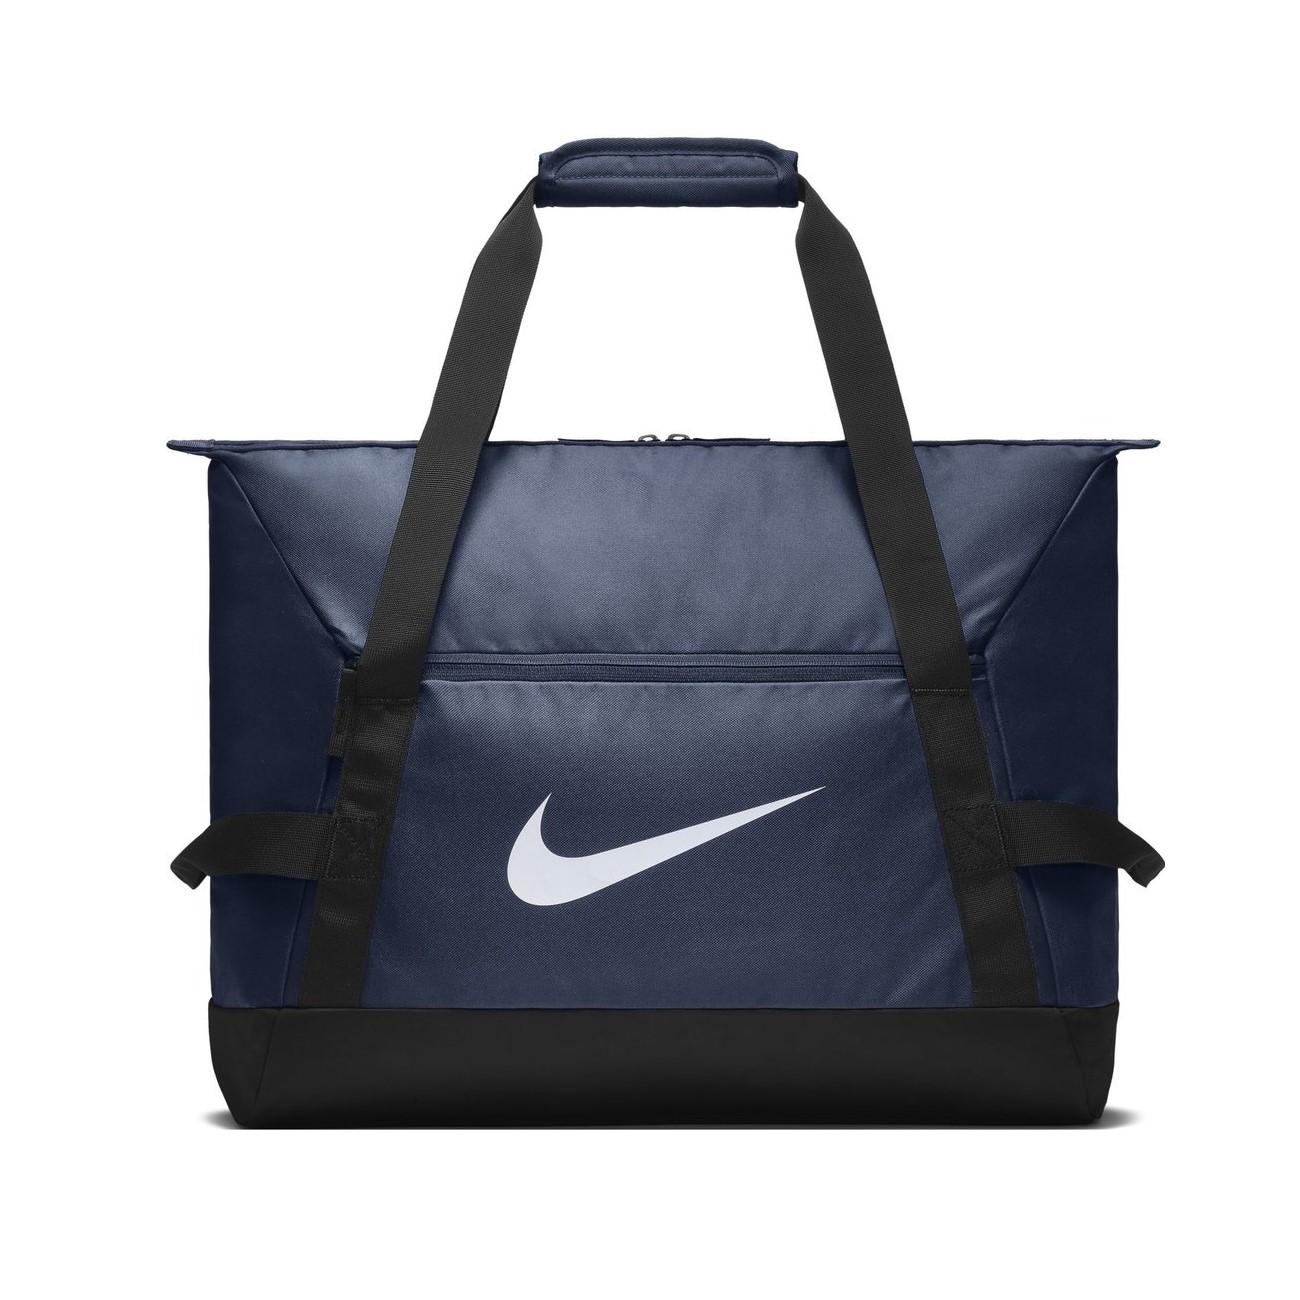 b4e7f10b281a9 Nike Sporttasche Damen und Herren Club Team Sporttasche BA5504 ...